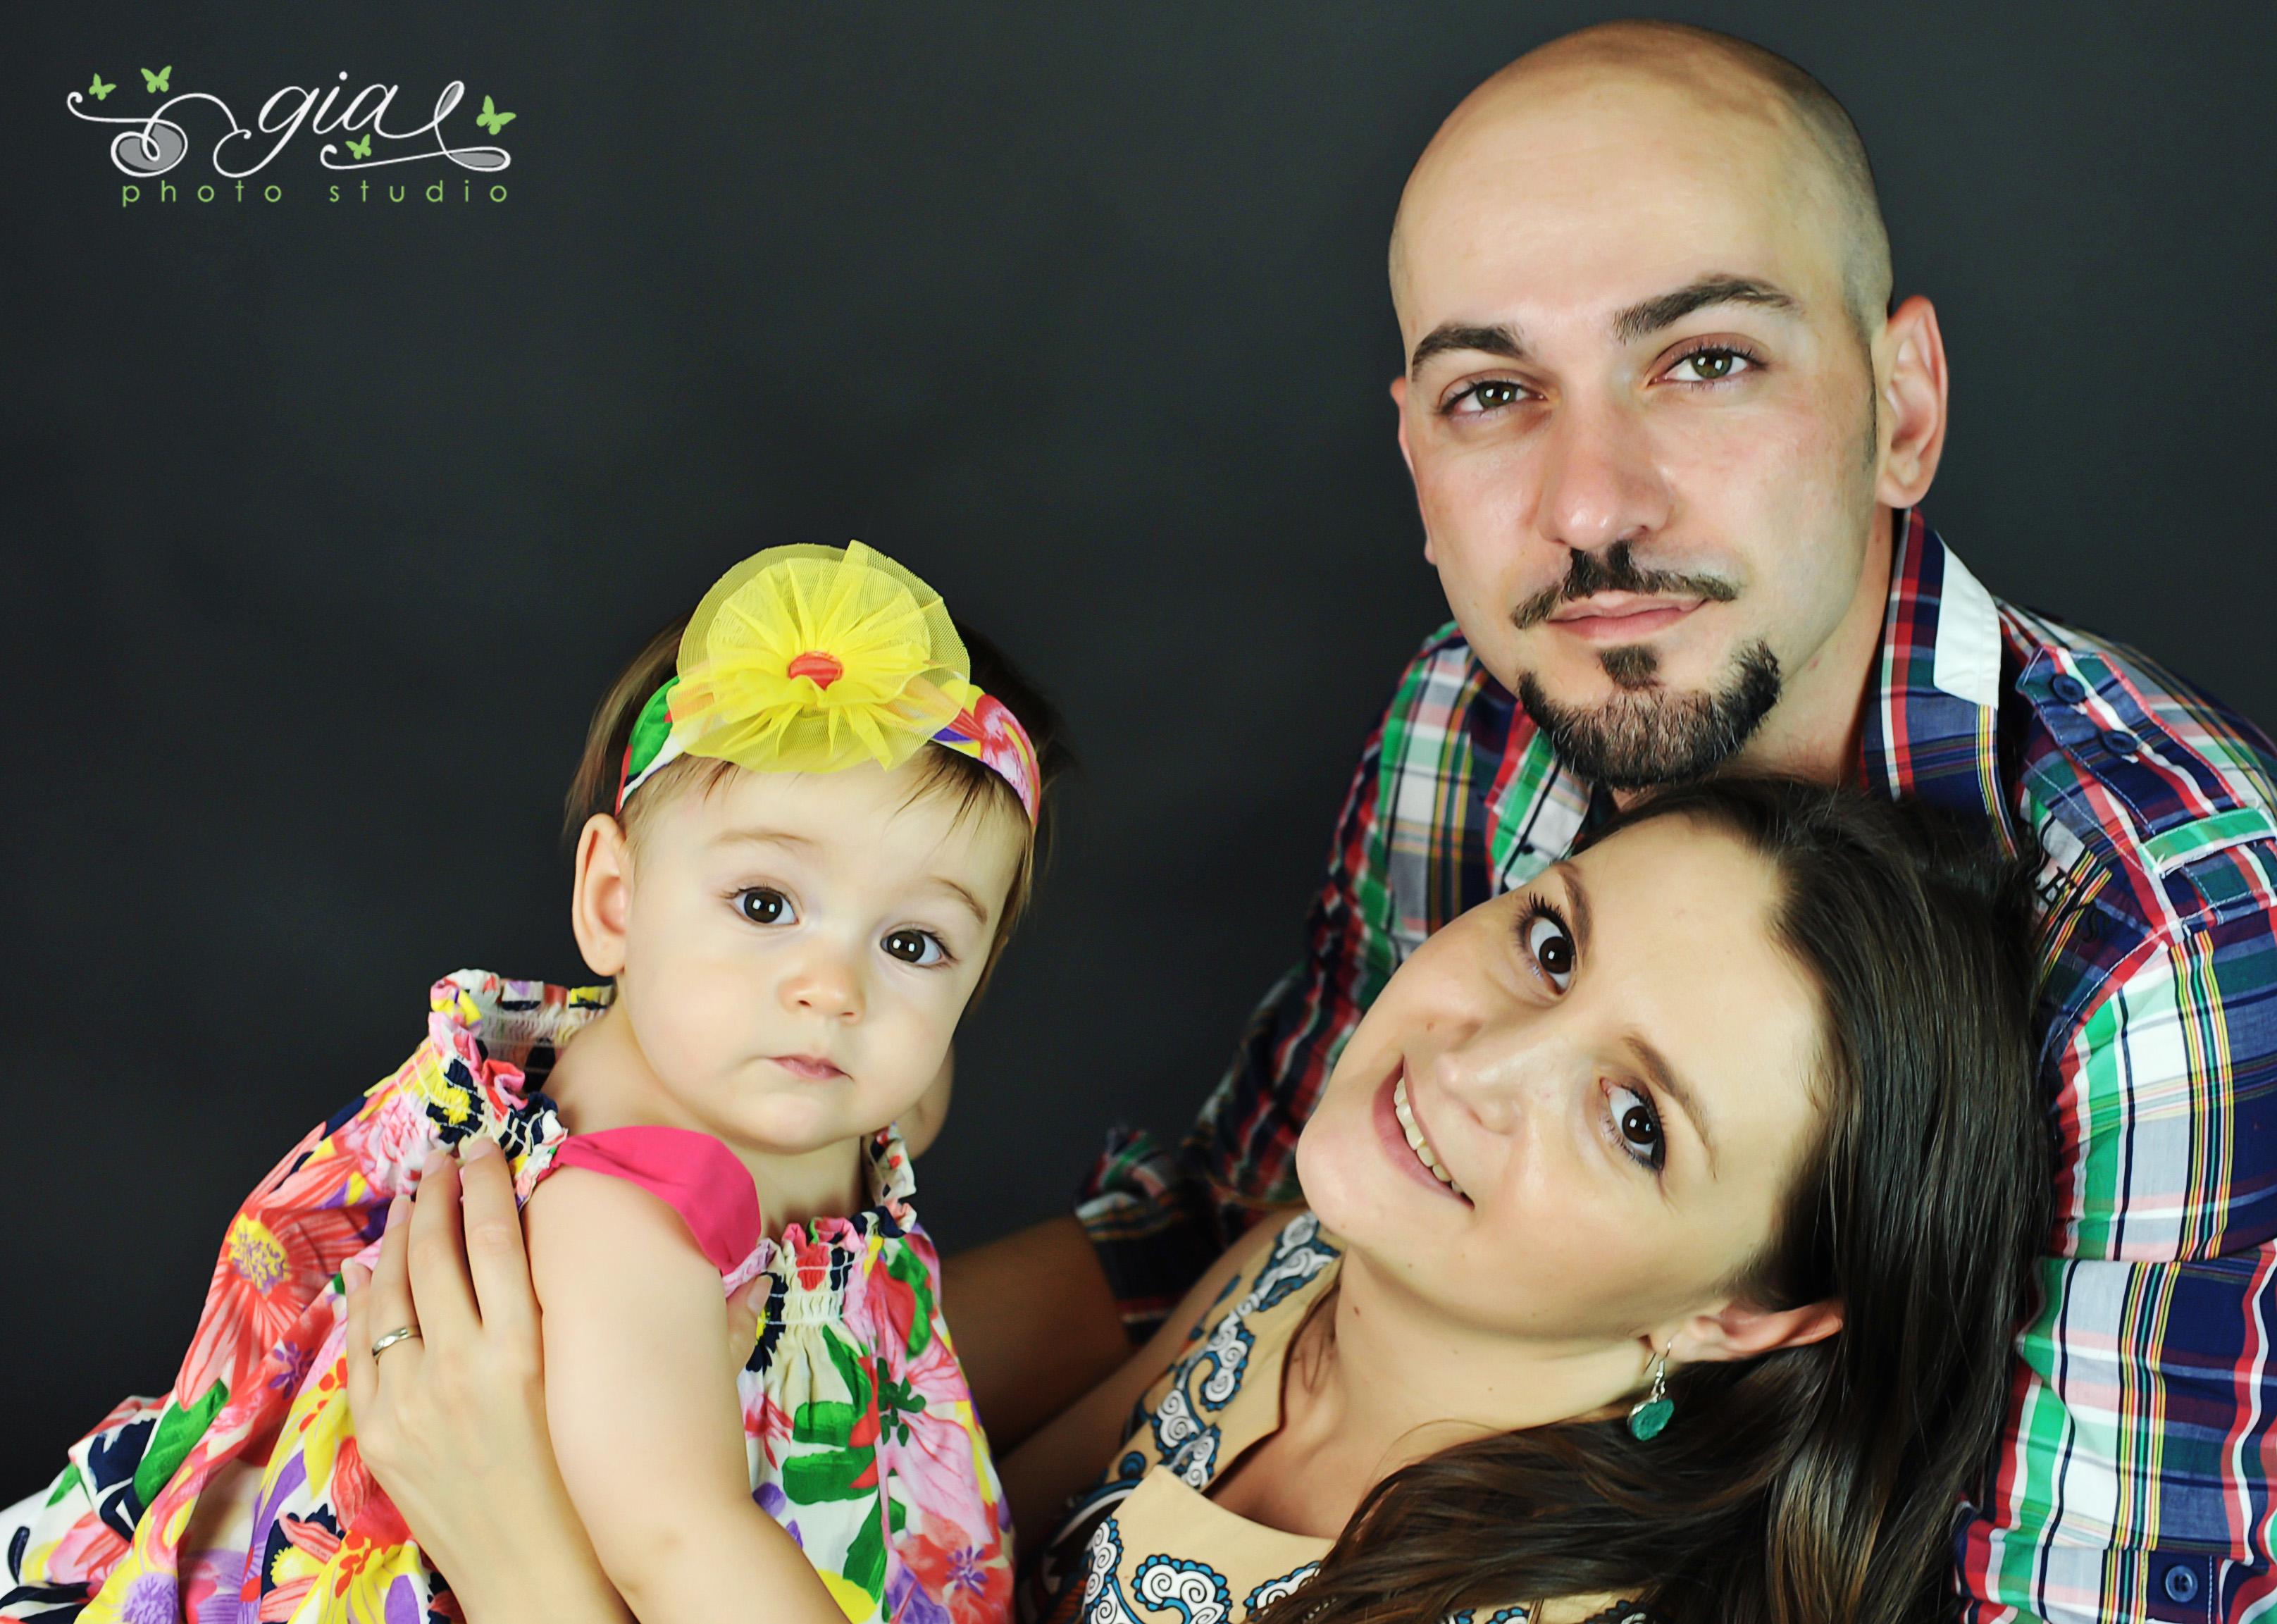 Poze cu copii in familie 19